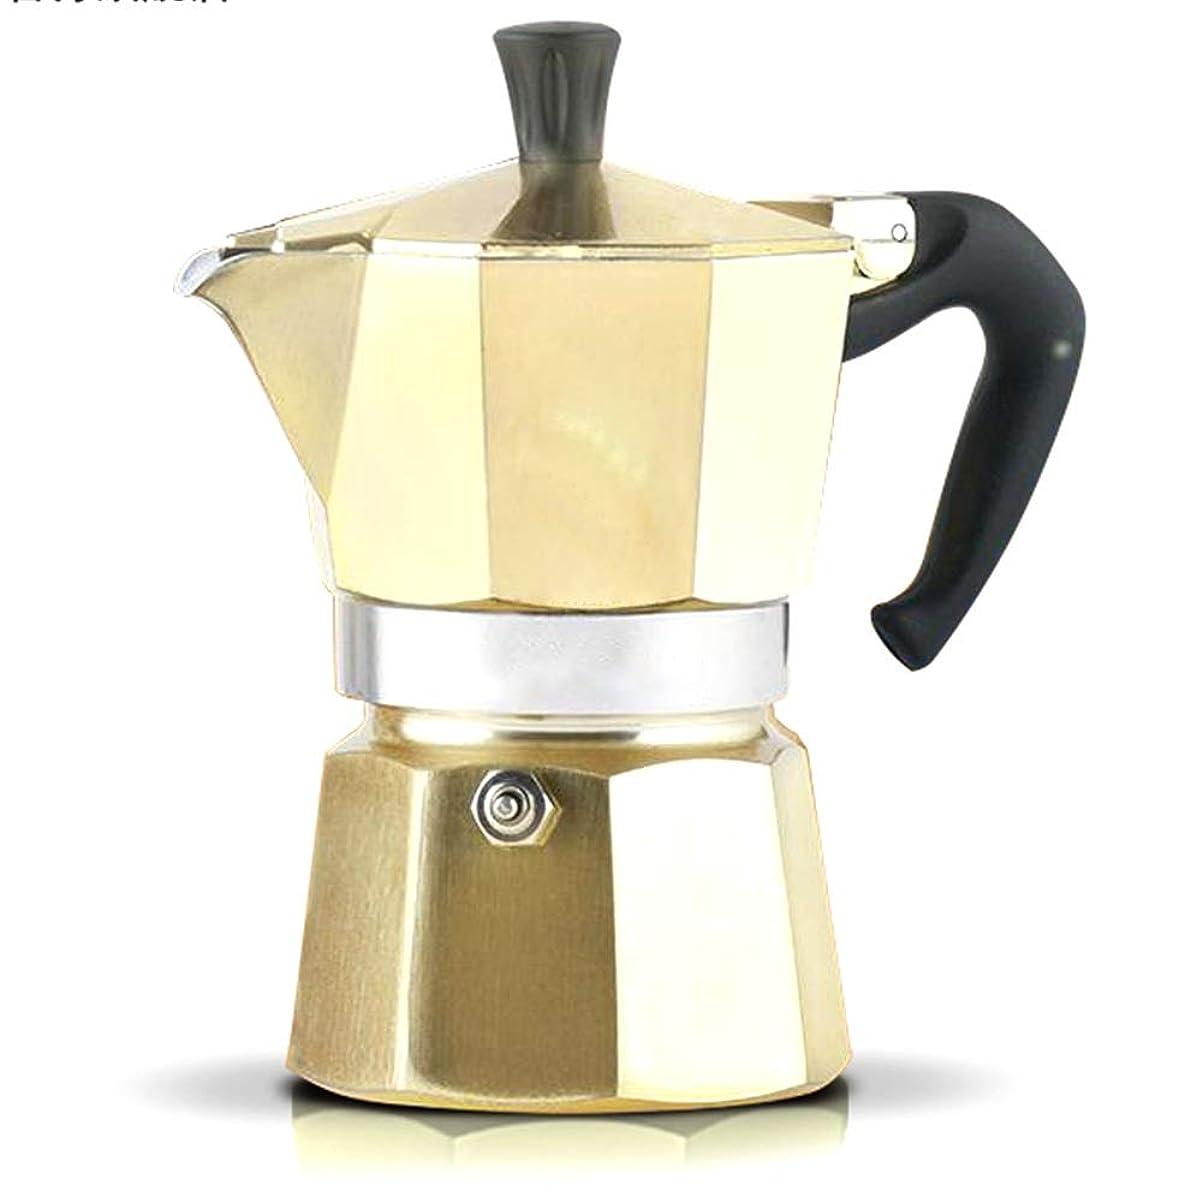 遺伝的多様な差し控えるモカコーヒーメーカー シンプルなホーム醸造コーヒーエスプレッソメーカーモカポットポットコーヒー器具エスプレッソコーヒーポット手作りのコーヒー おいしいコーヒーを楽しむ (Color : Gold, Size : 3 cup)